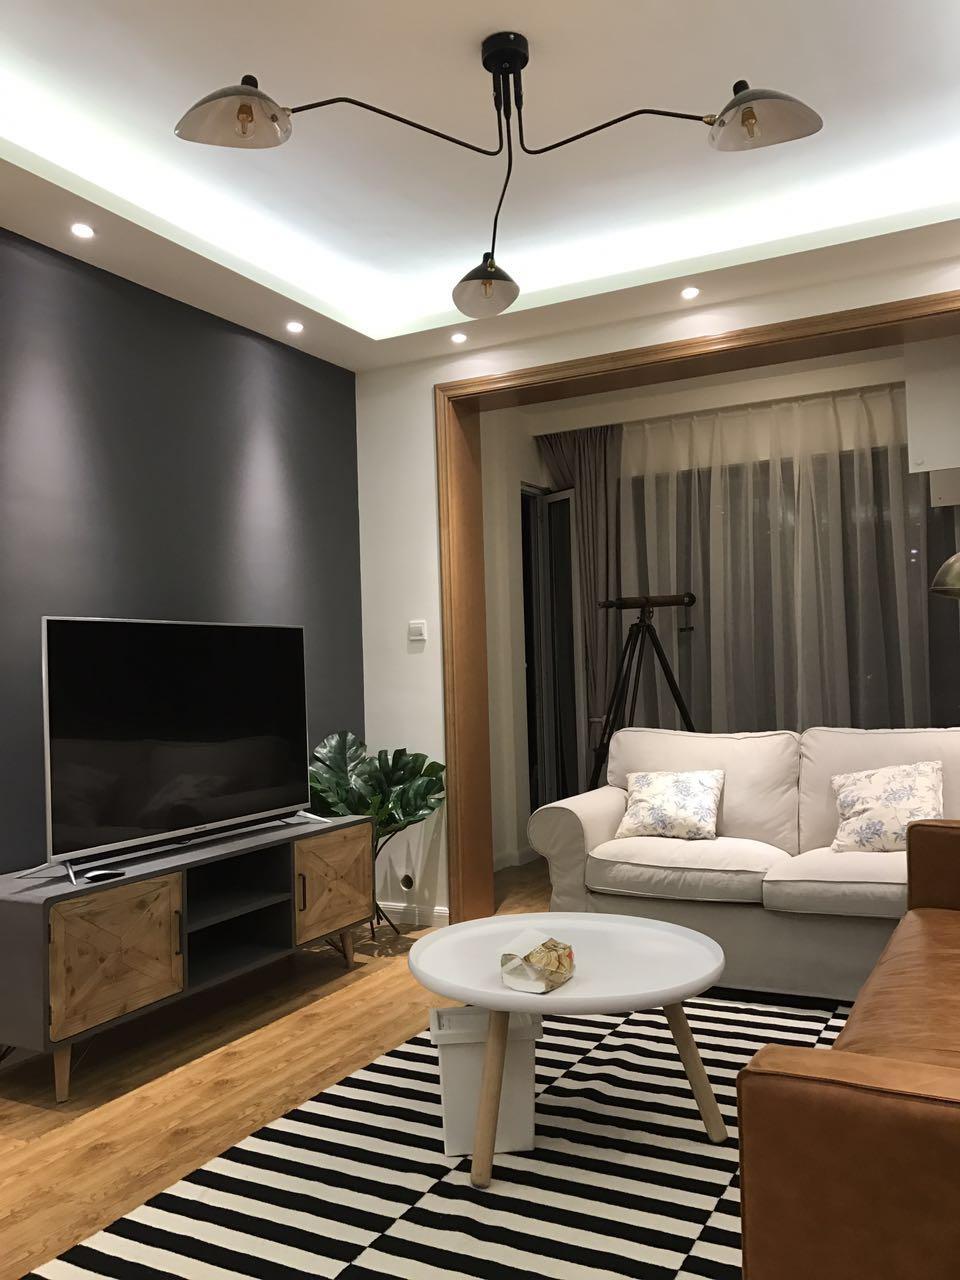 93m²三室二厅:我想换种北欧风格的装修 案例 第2张